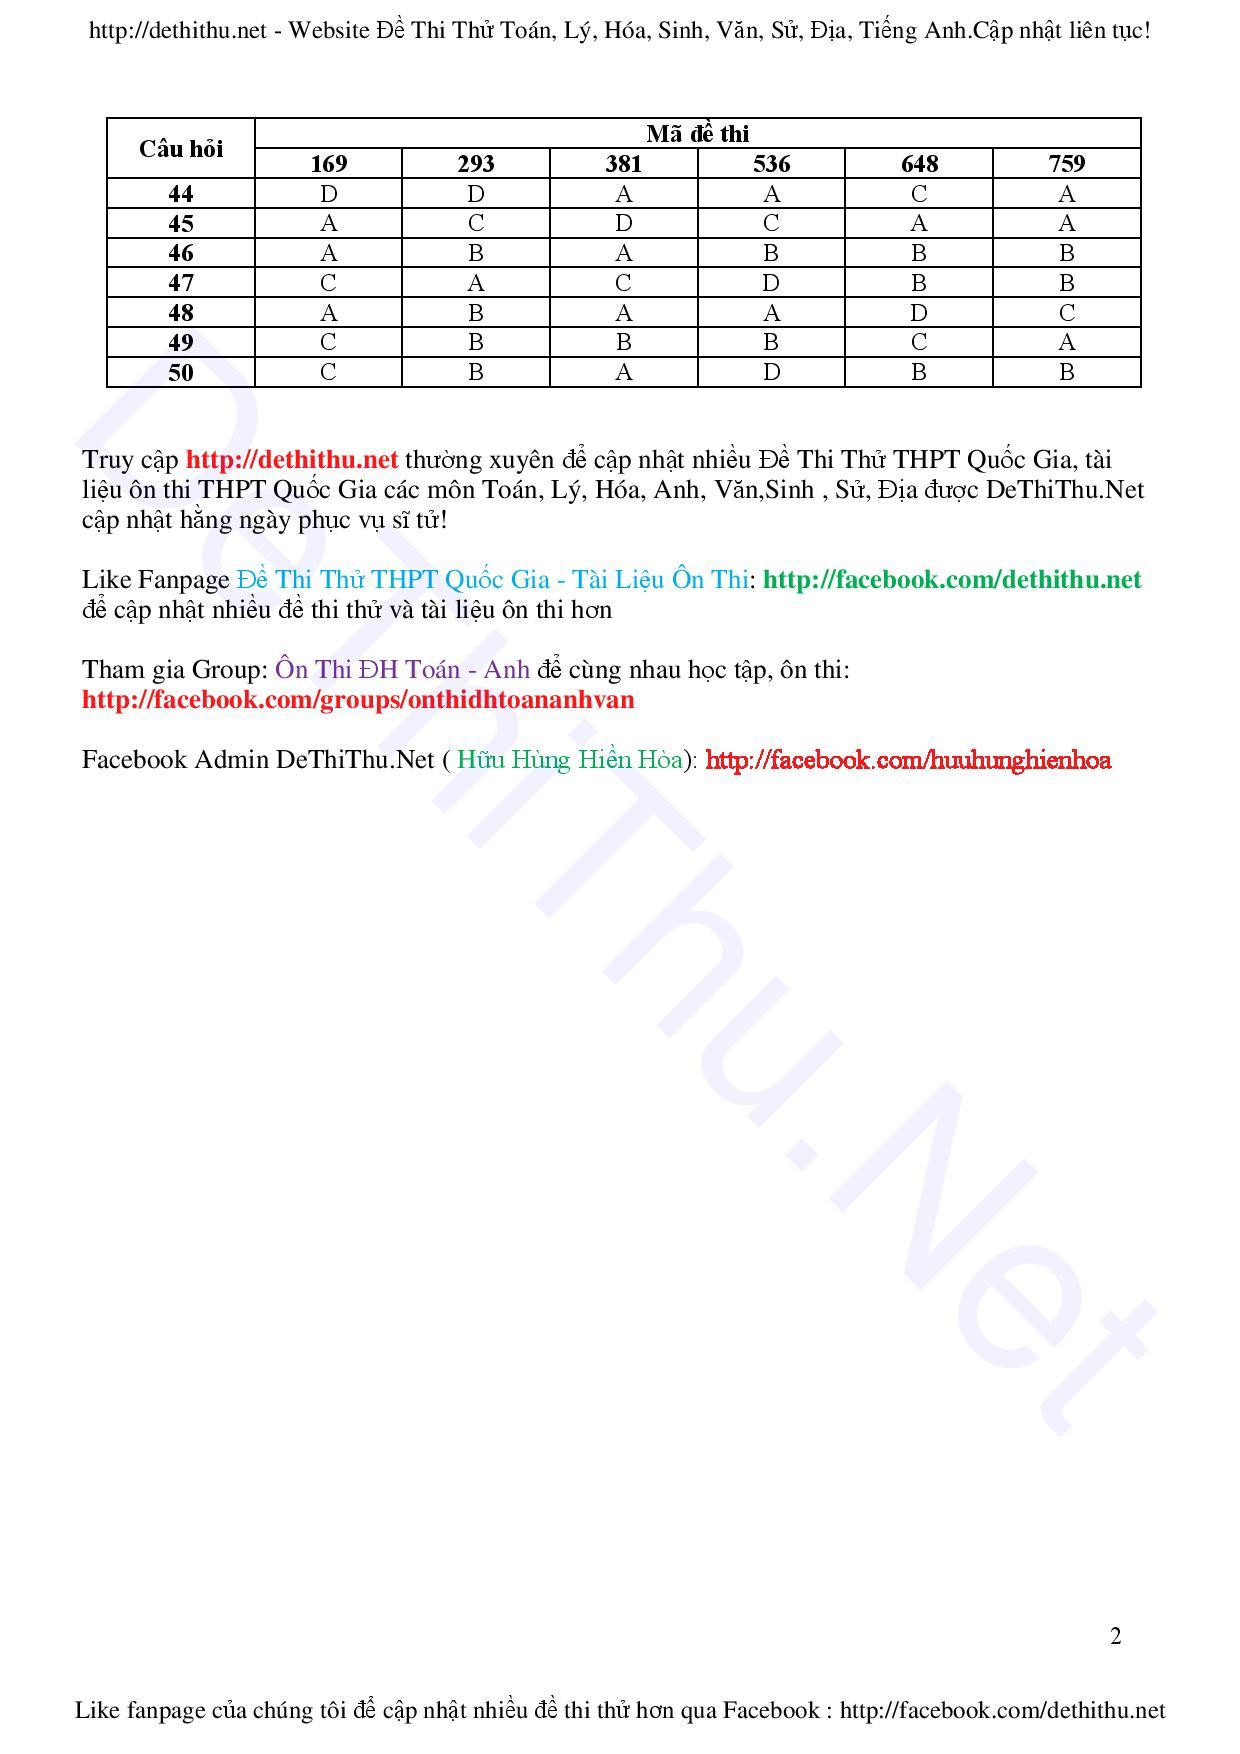 Đề và đáp án môn Lý THPT Quốc gia 2016 Bộ GD & ĐT